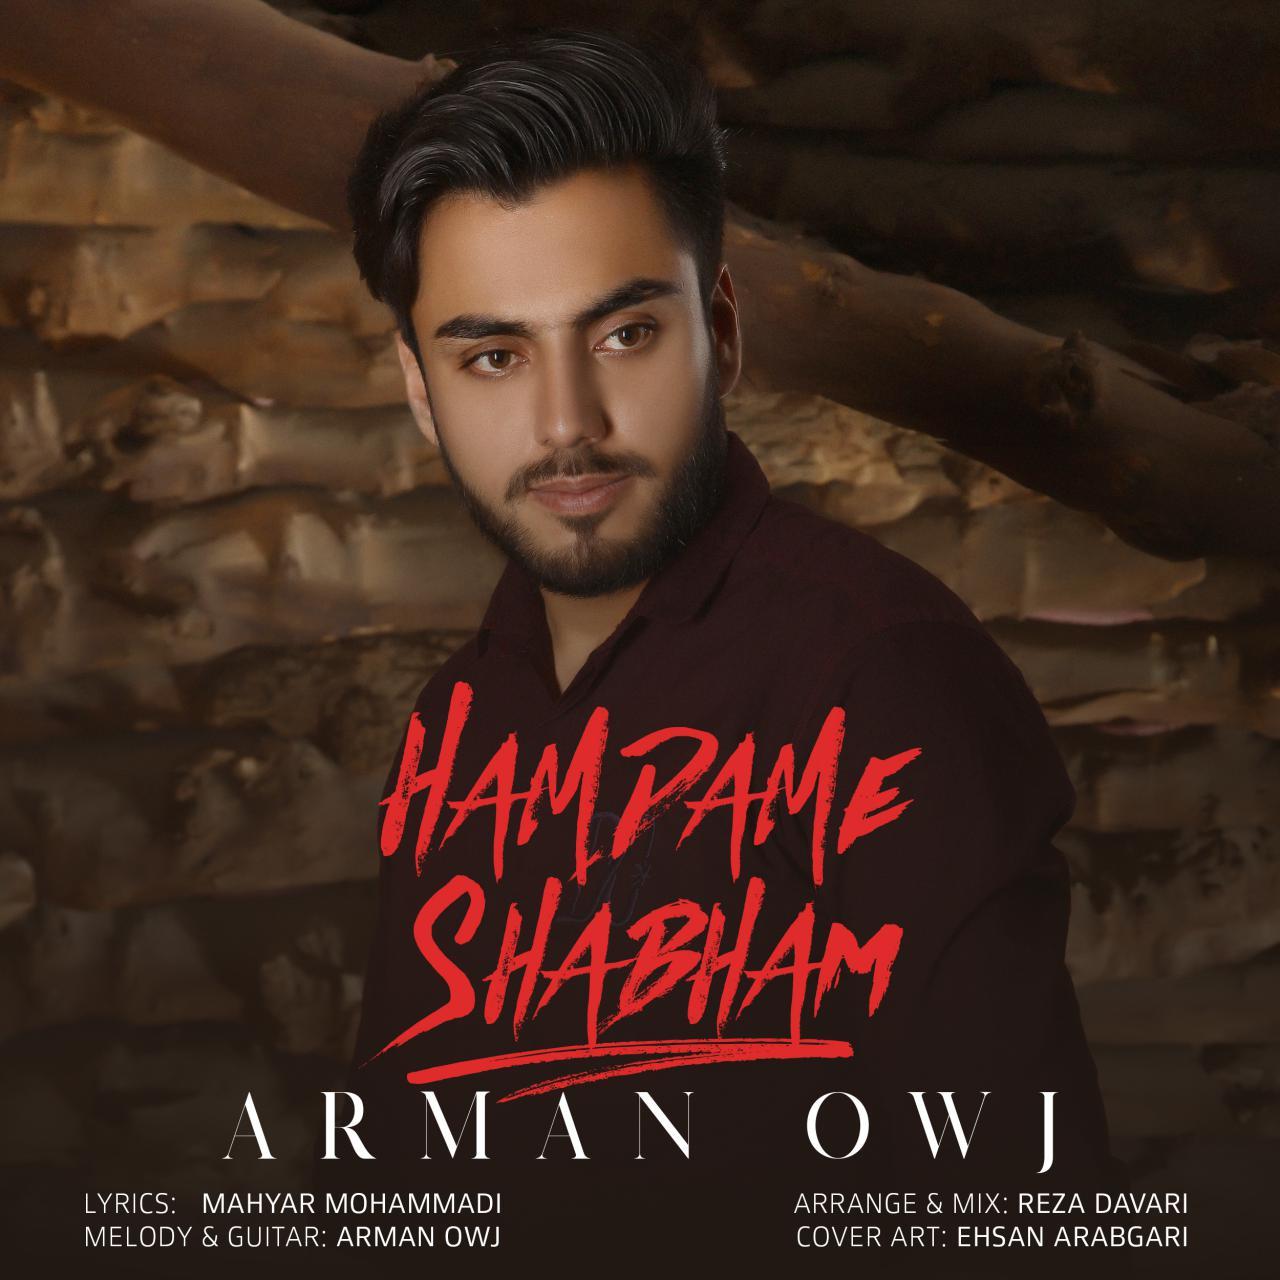 Arman Owj – Hamdame Shabham